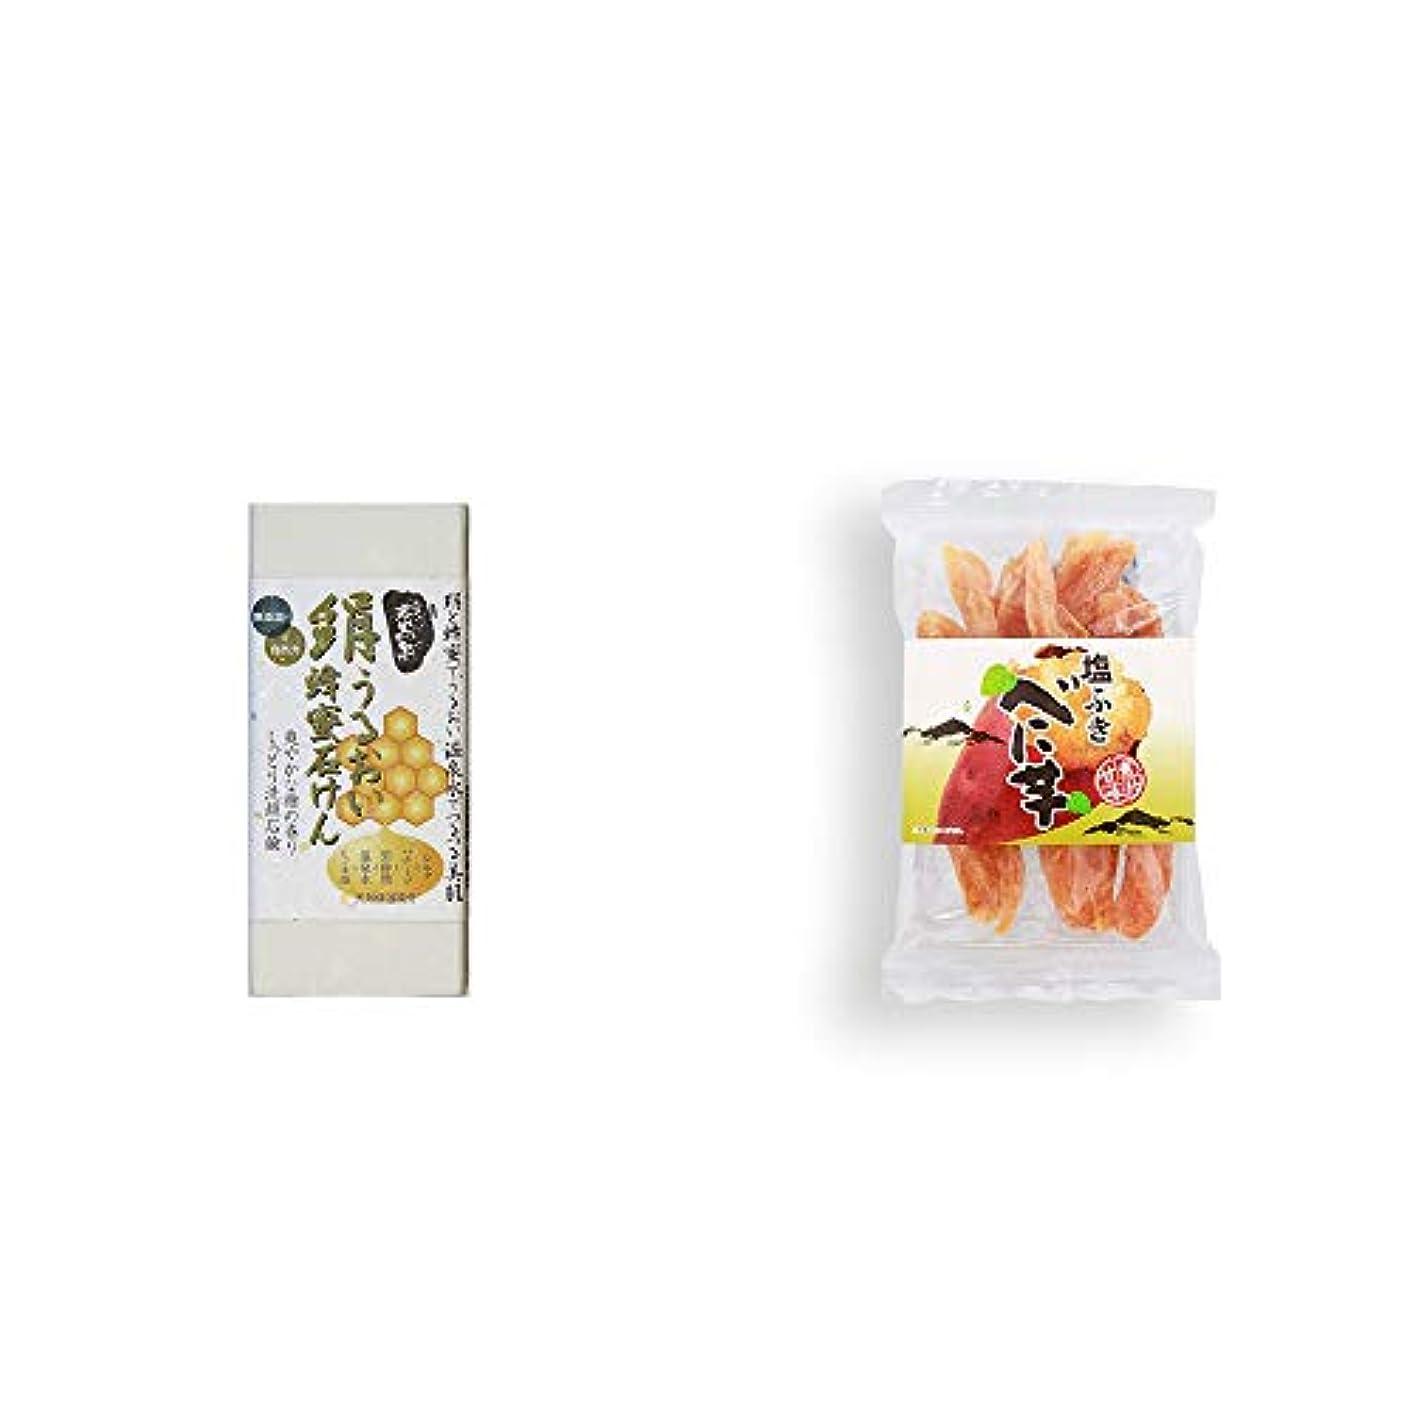 第九司法学士[2点セット] ひのき炭黒泉 絹うるおい蜂蜜石けん(75g×2)?塩ふき べに芋(250g)